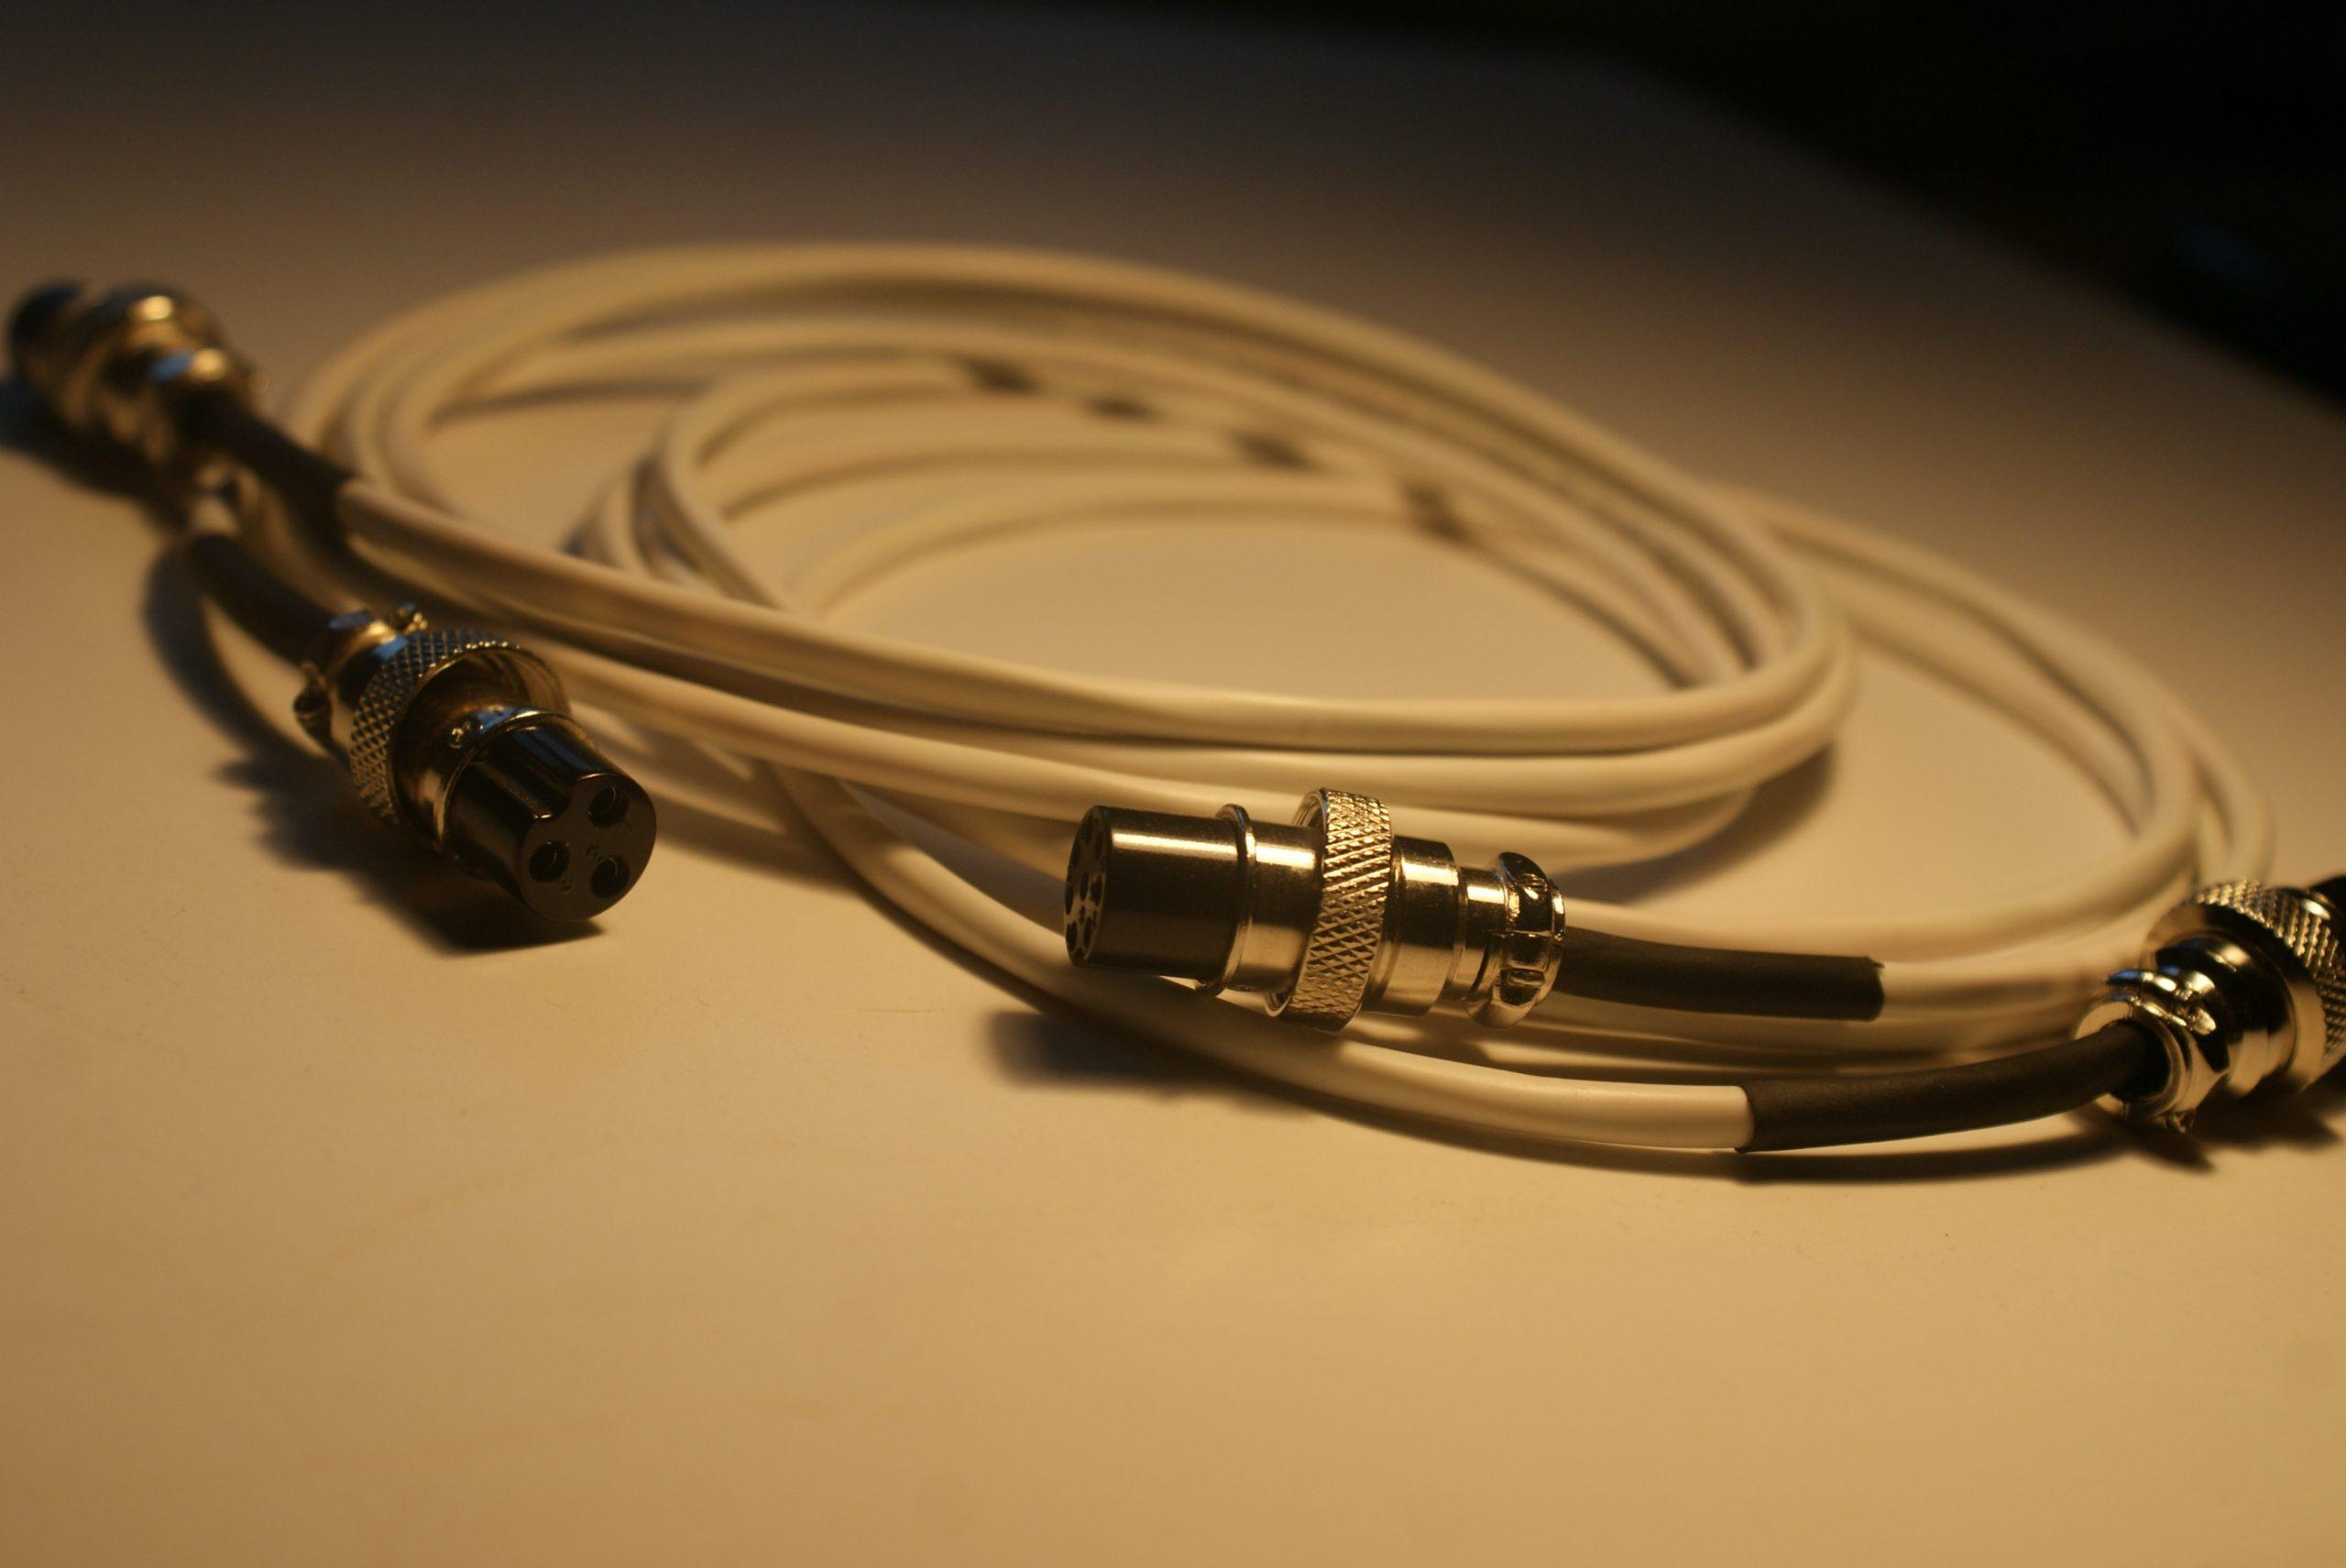 Свързващи кабели (слаботокови) за система Прорайм 115